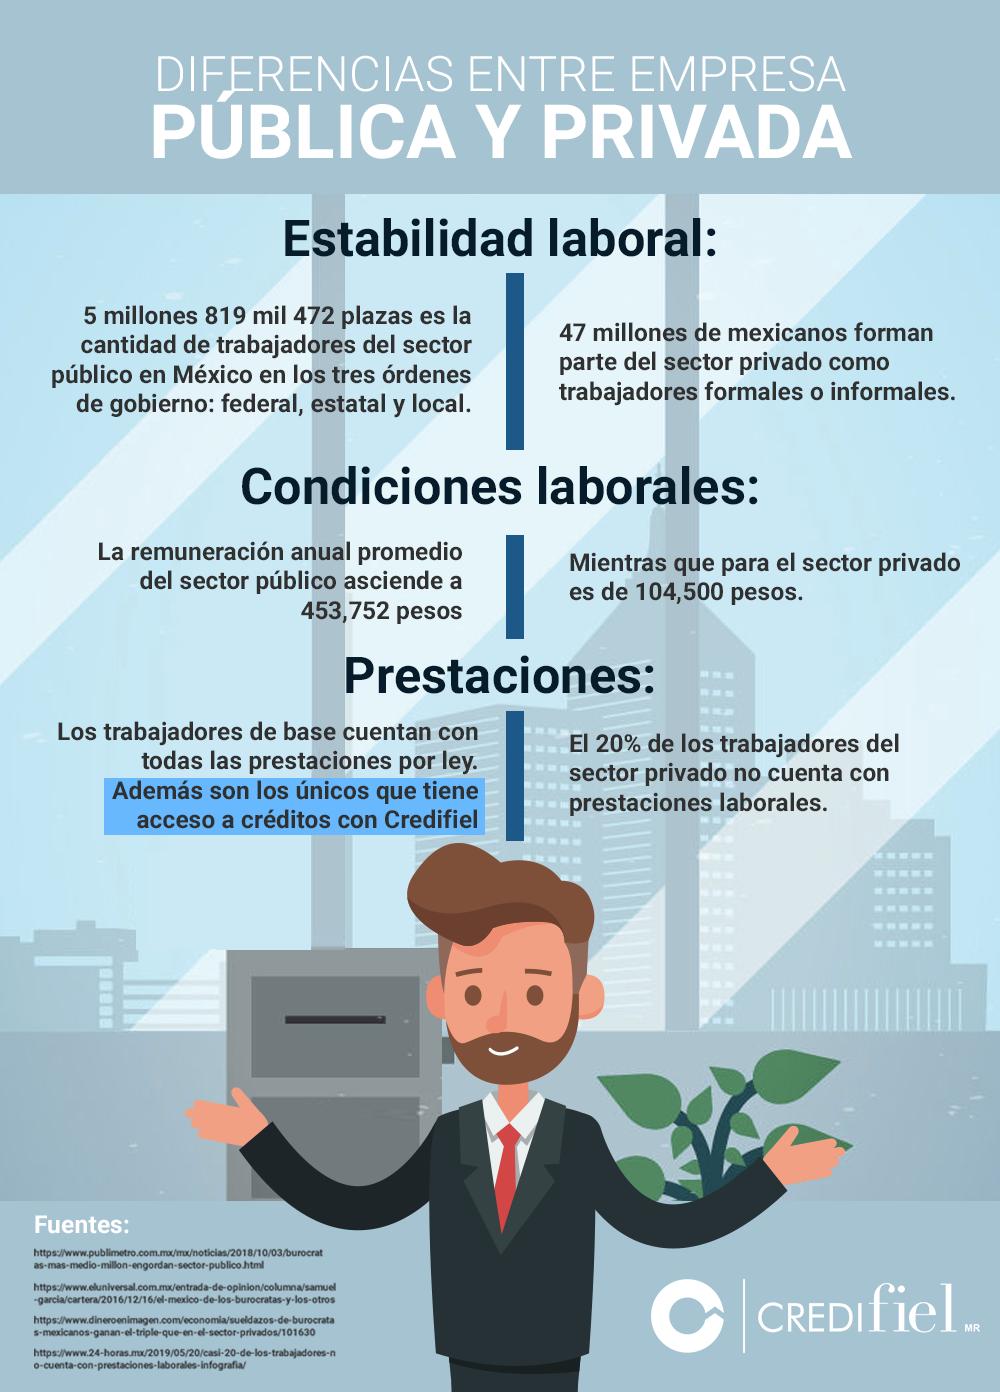 Diferencia-entre-empresa-privada-y-publica